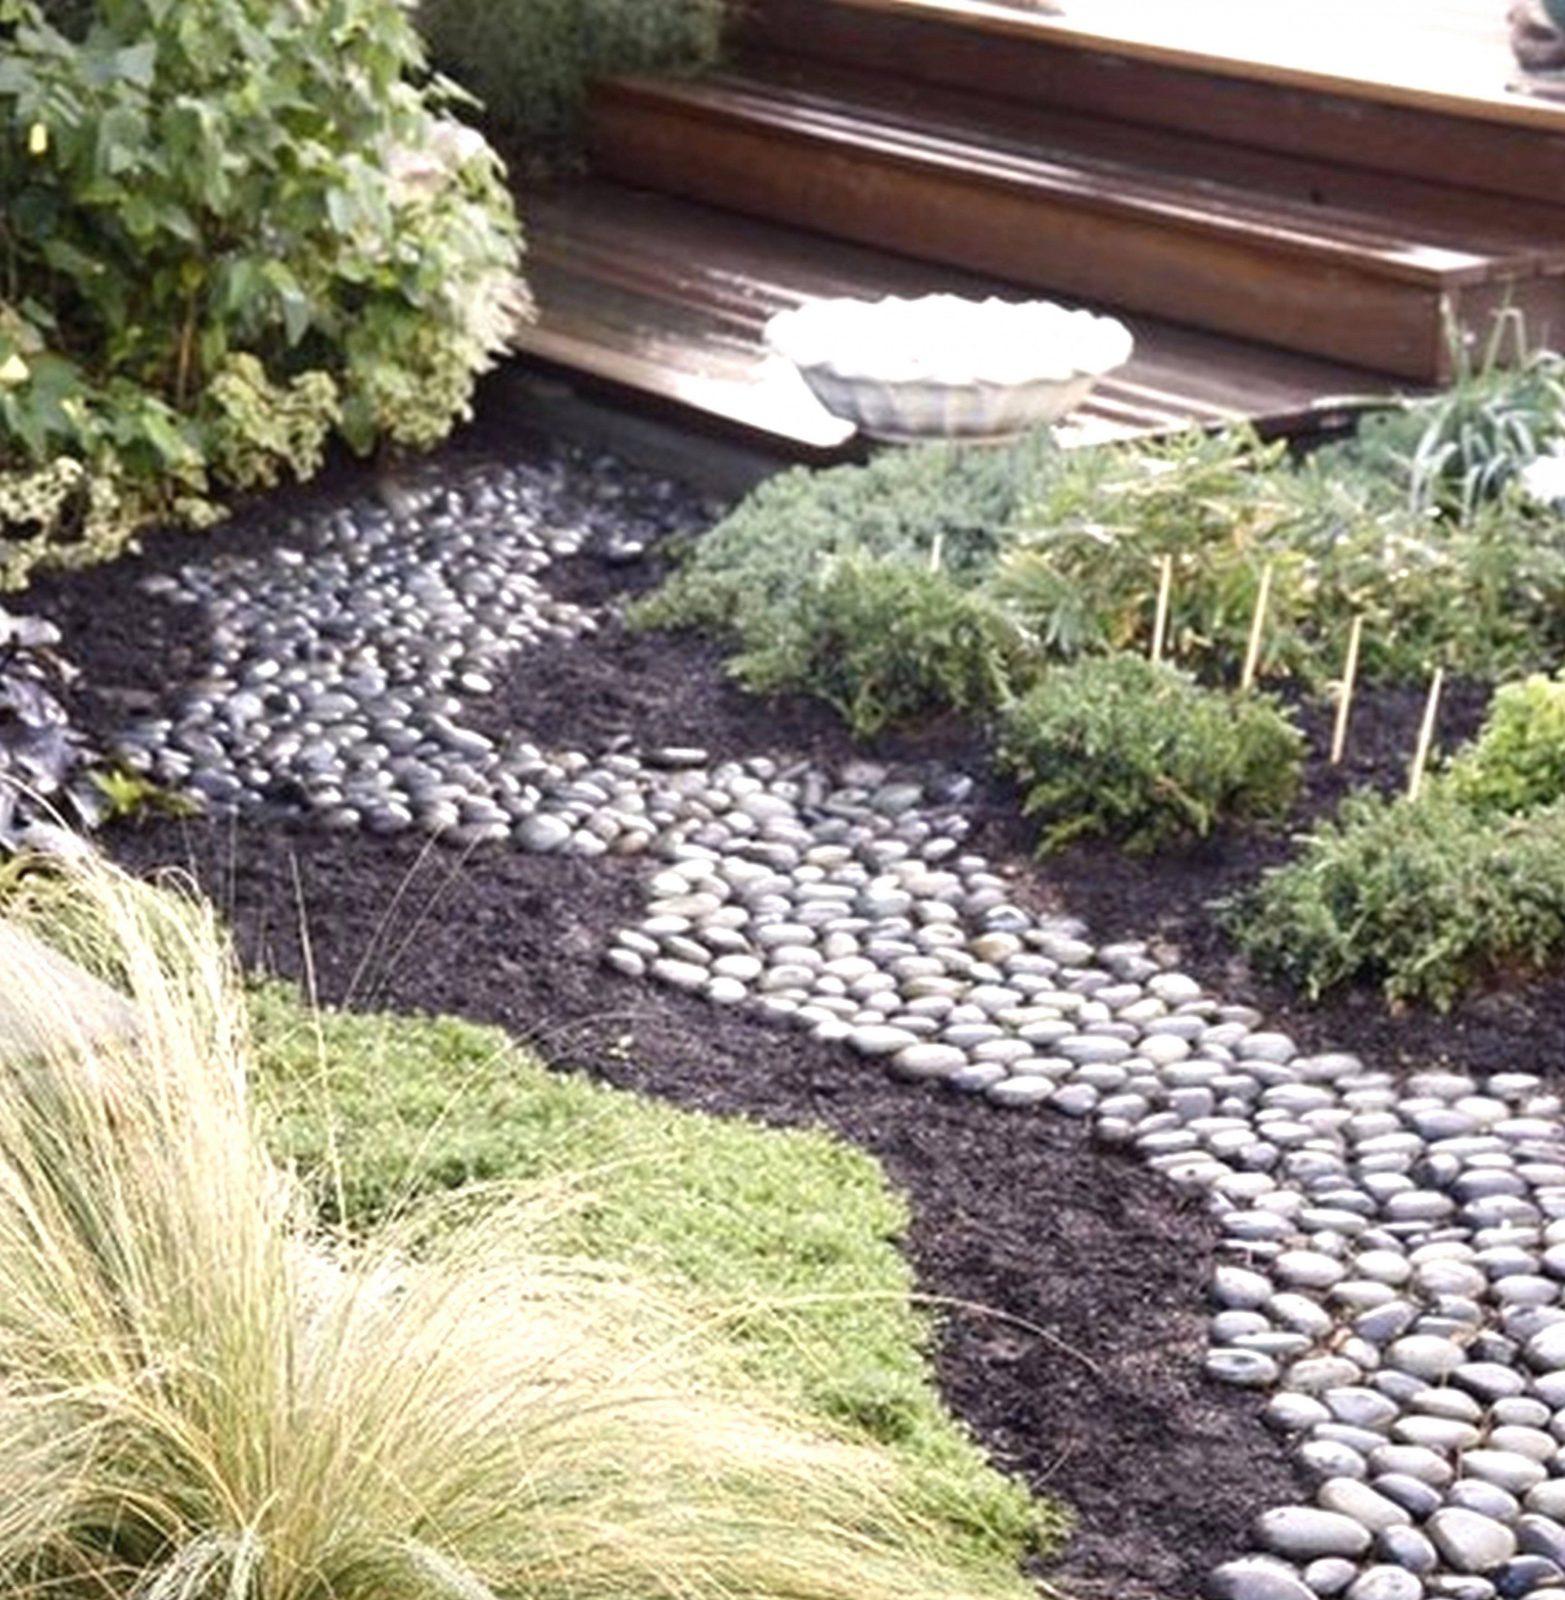 Kies Garten Anlegen Schön Fantastisch 40 Gartengestaltung Mit von Gartengestaltung Mit Gräsern Und Kies Photo